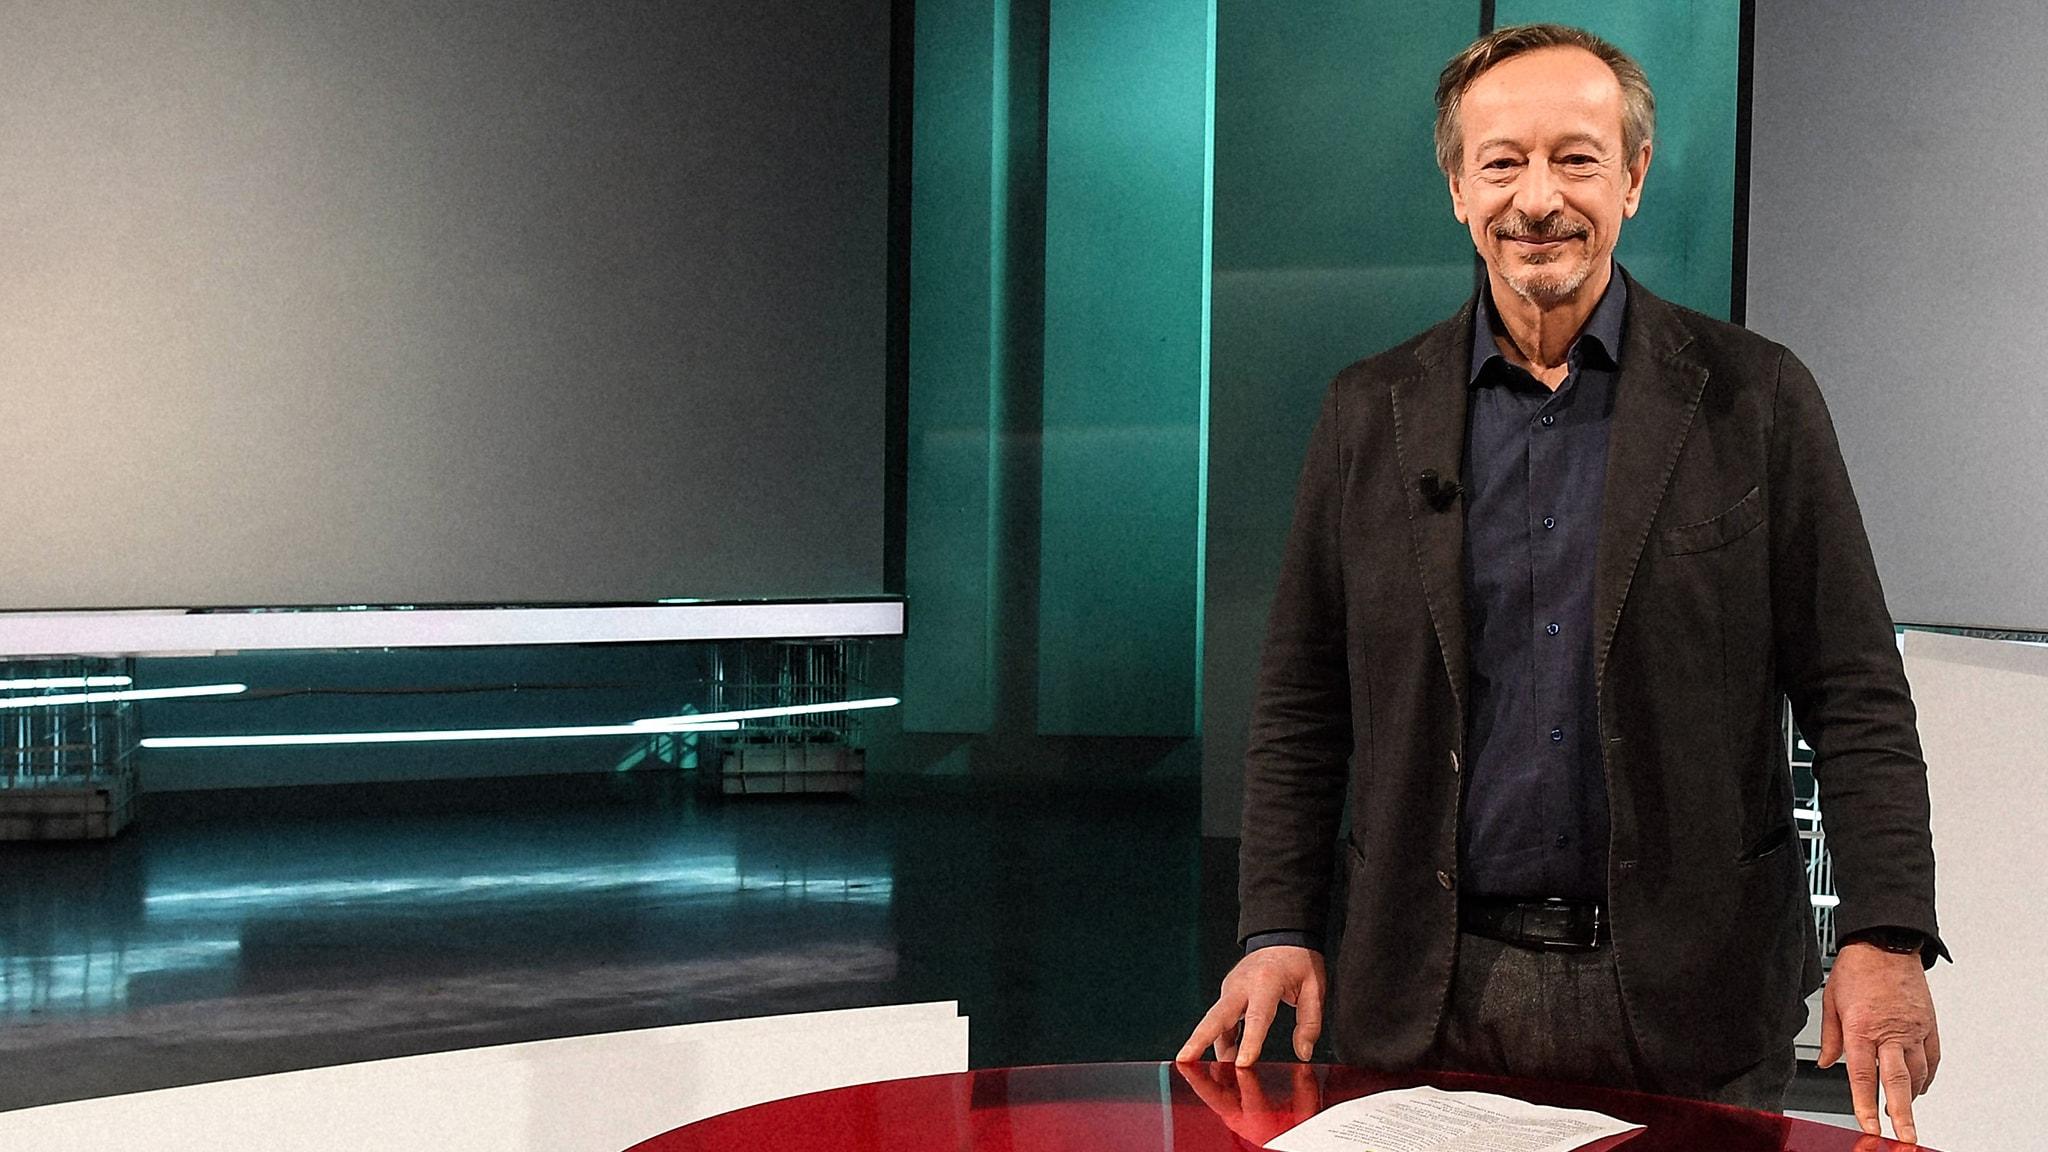 Rai 3 La rivoluzione elettrica - PresaDiretta 20/09/2021